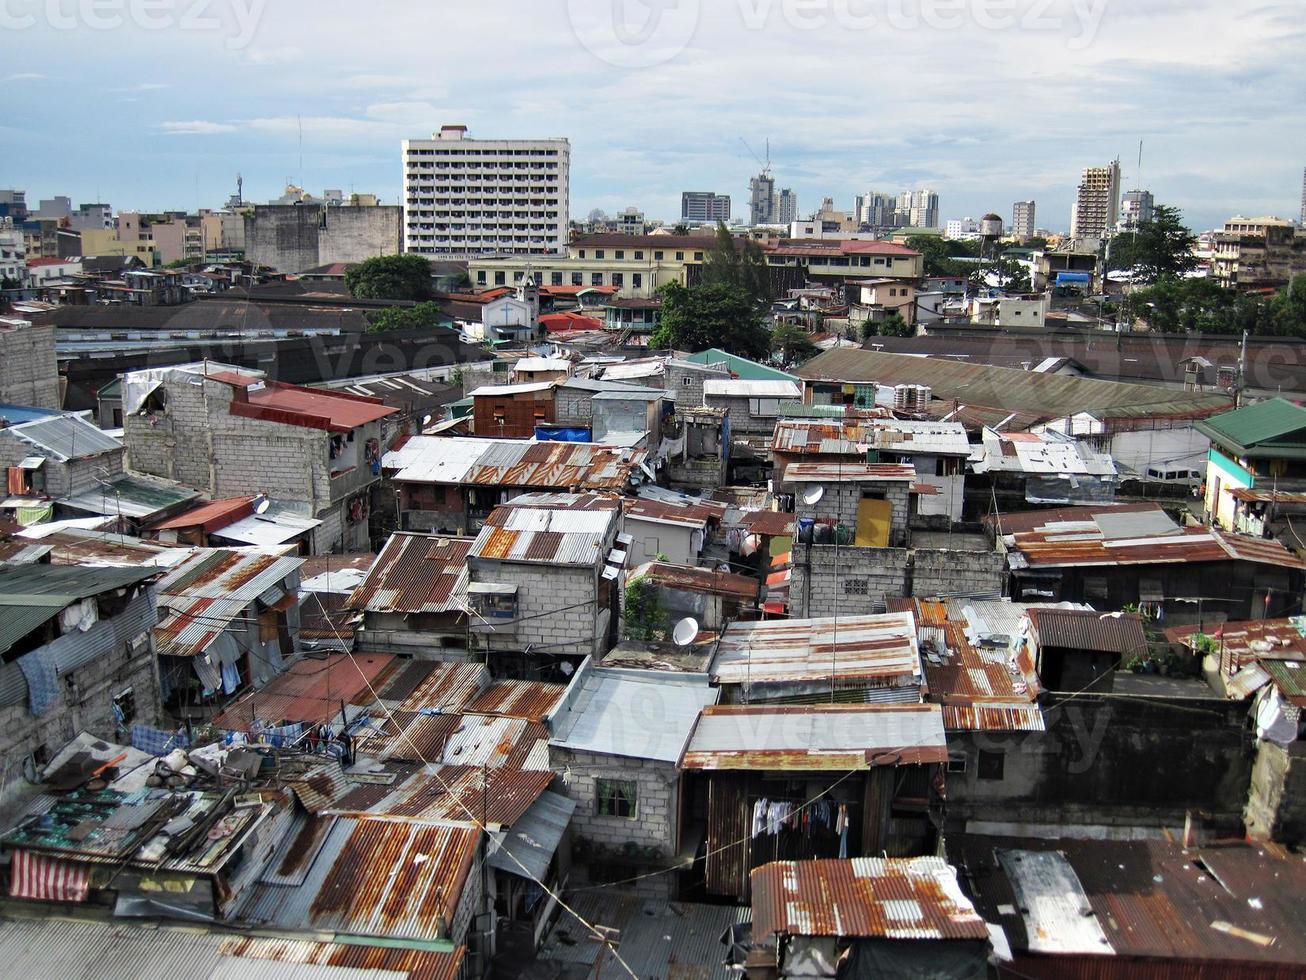 baracche e case di squatter in un'area urbana dei bassifondi foto